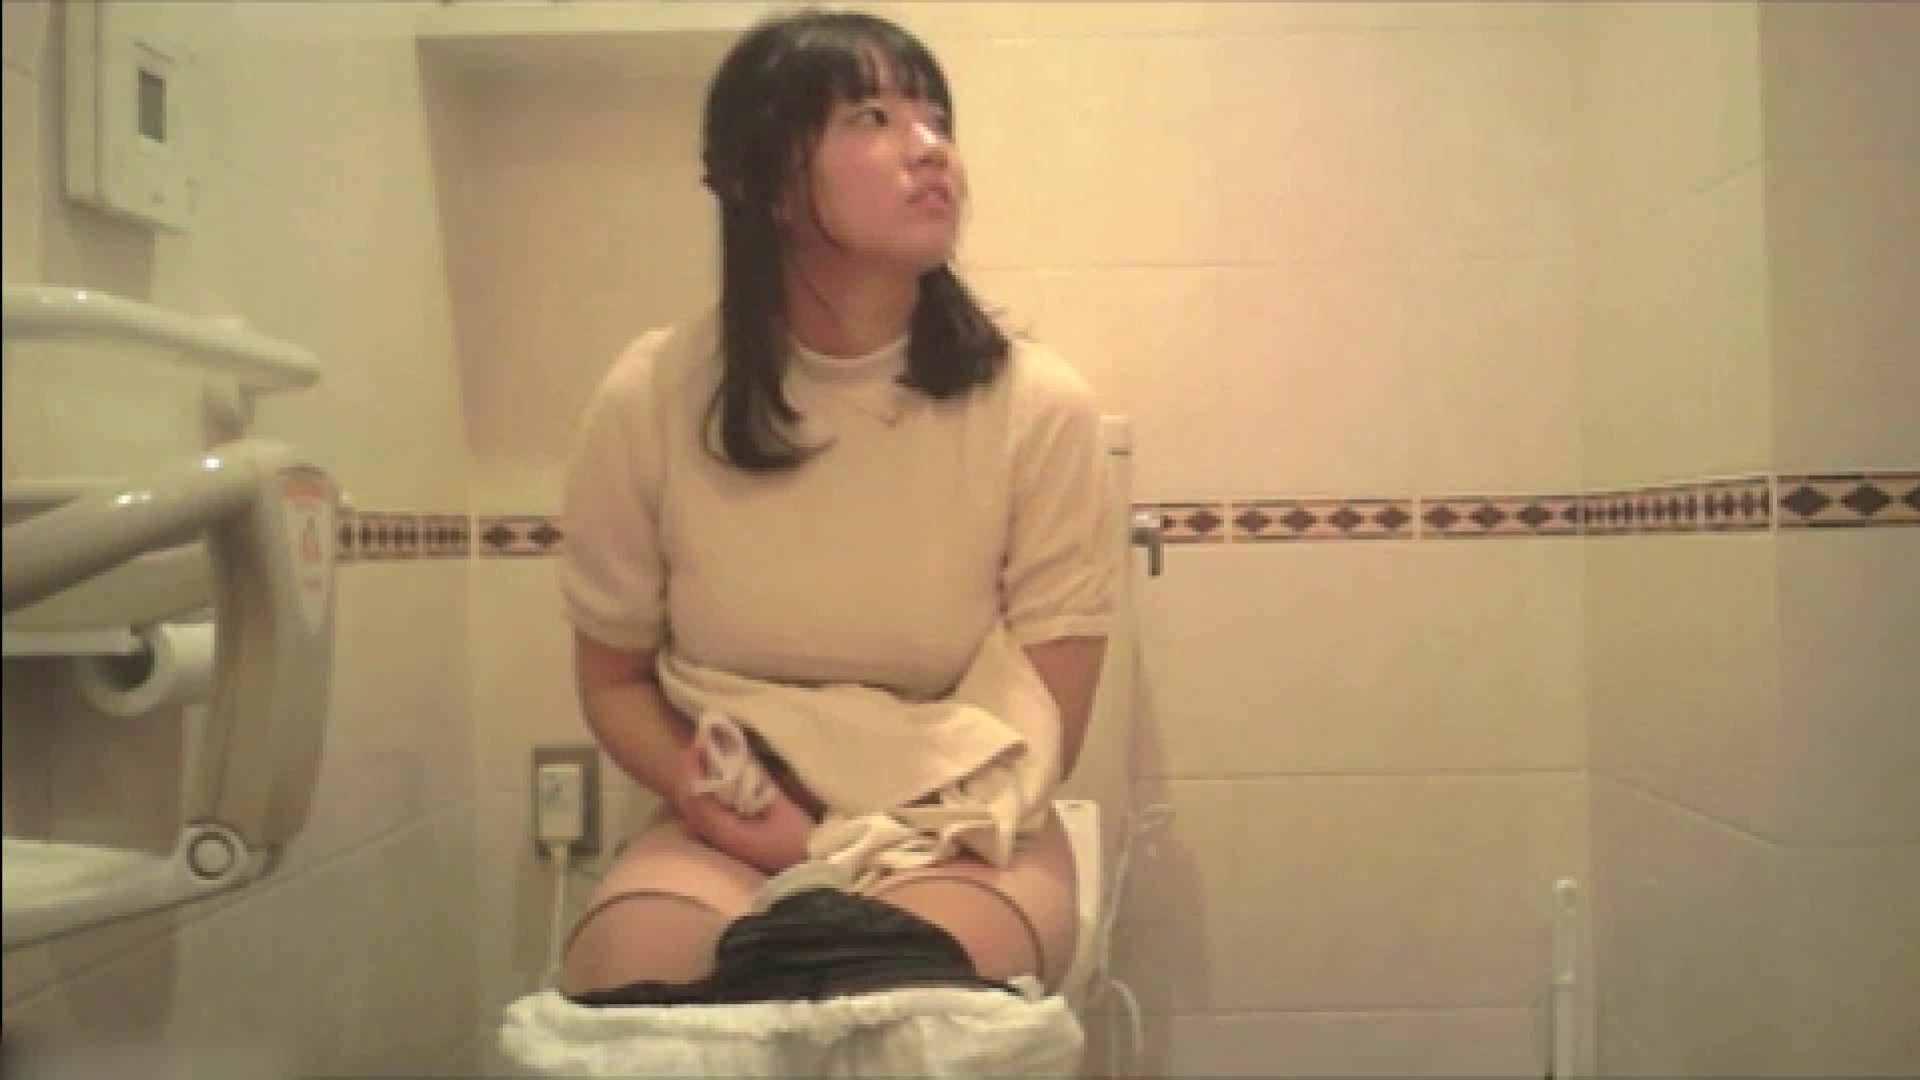 実録!!綺麗なお姉さんのトイレ事情・・・。vol.18 OLの実態  70pic 12